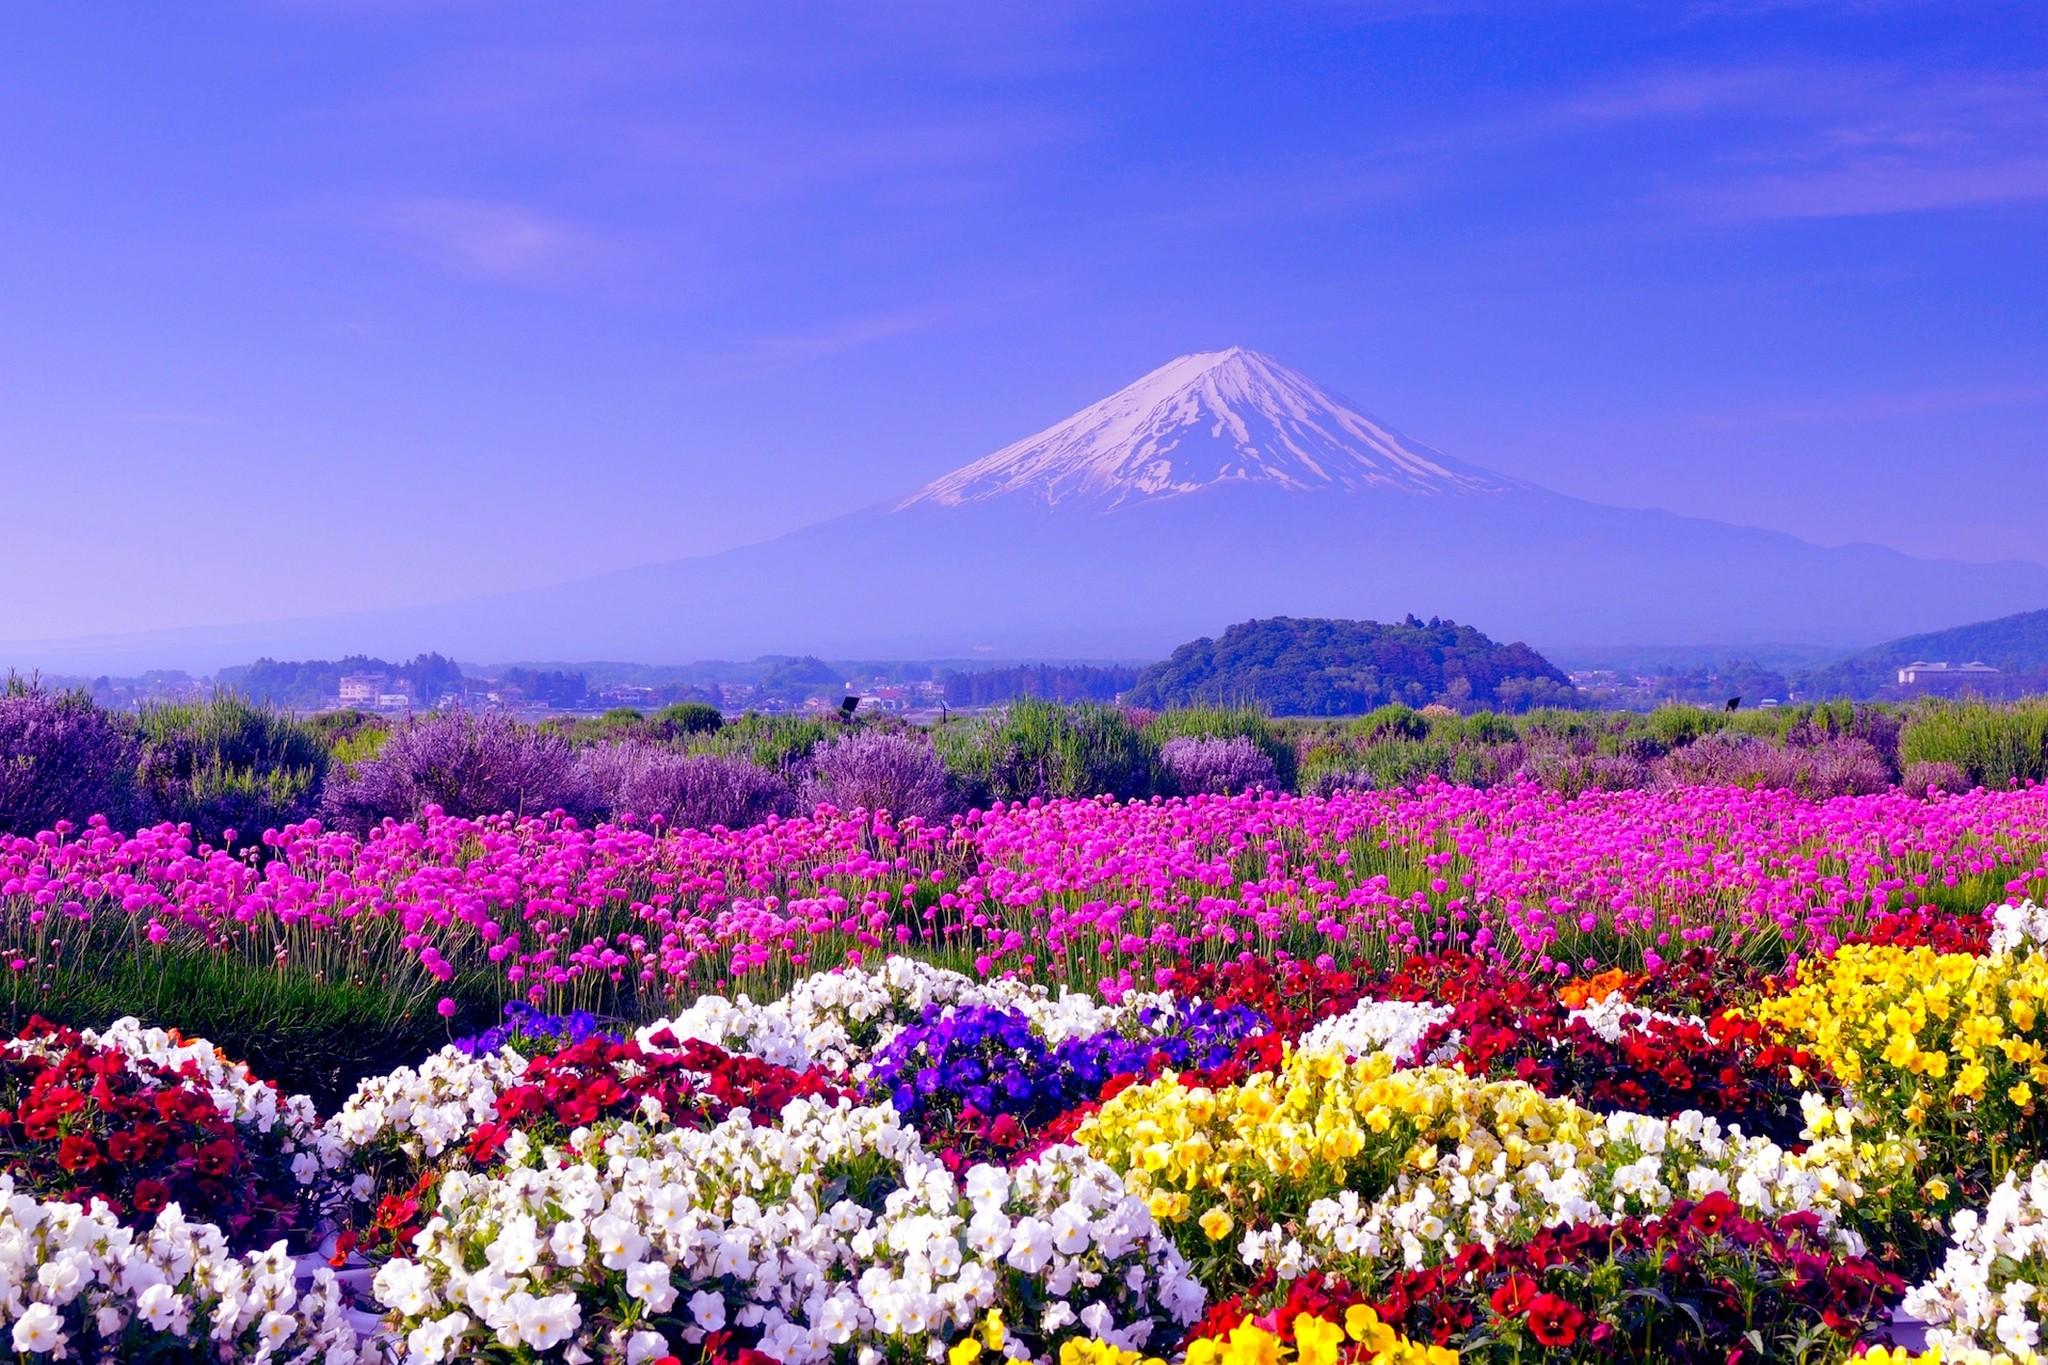 Fields: Mountain Fuji Japan Flowers Field Spring Tulip Fields Hd for ...